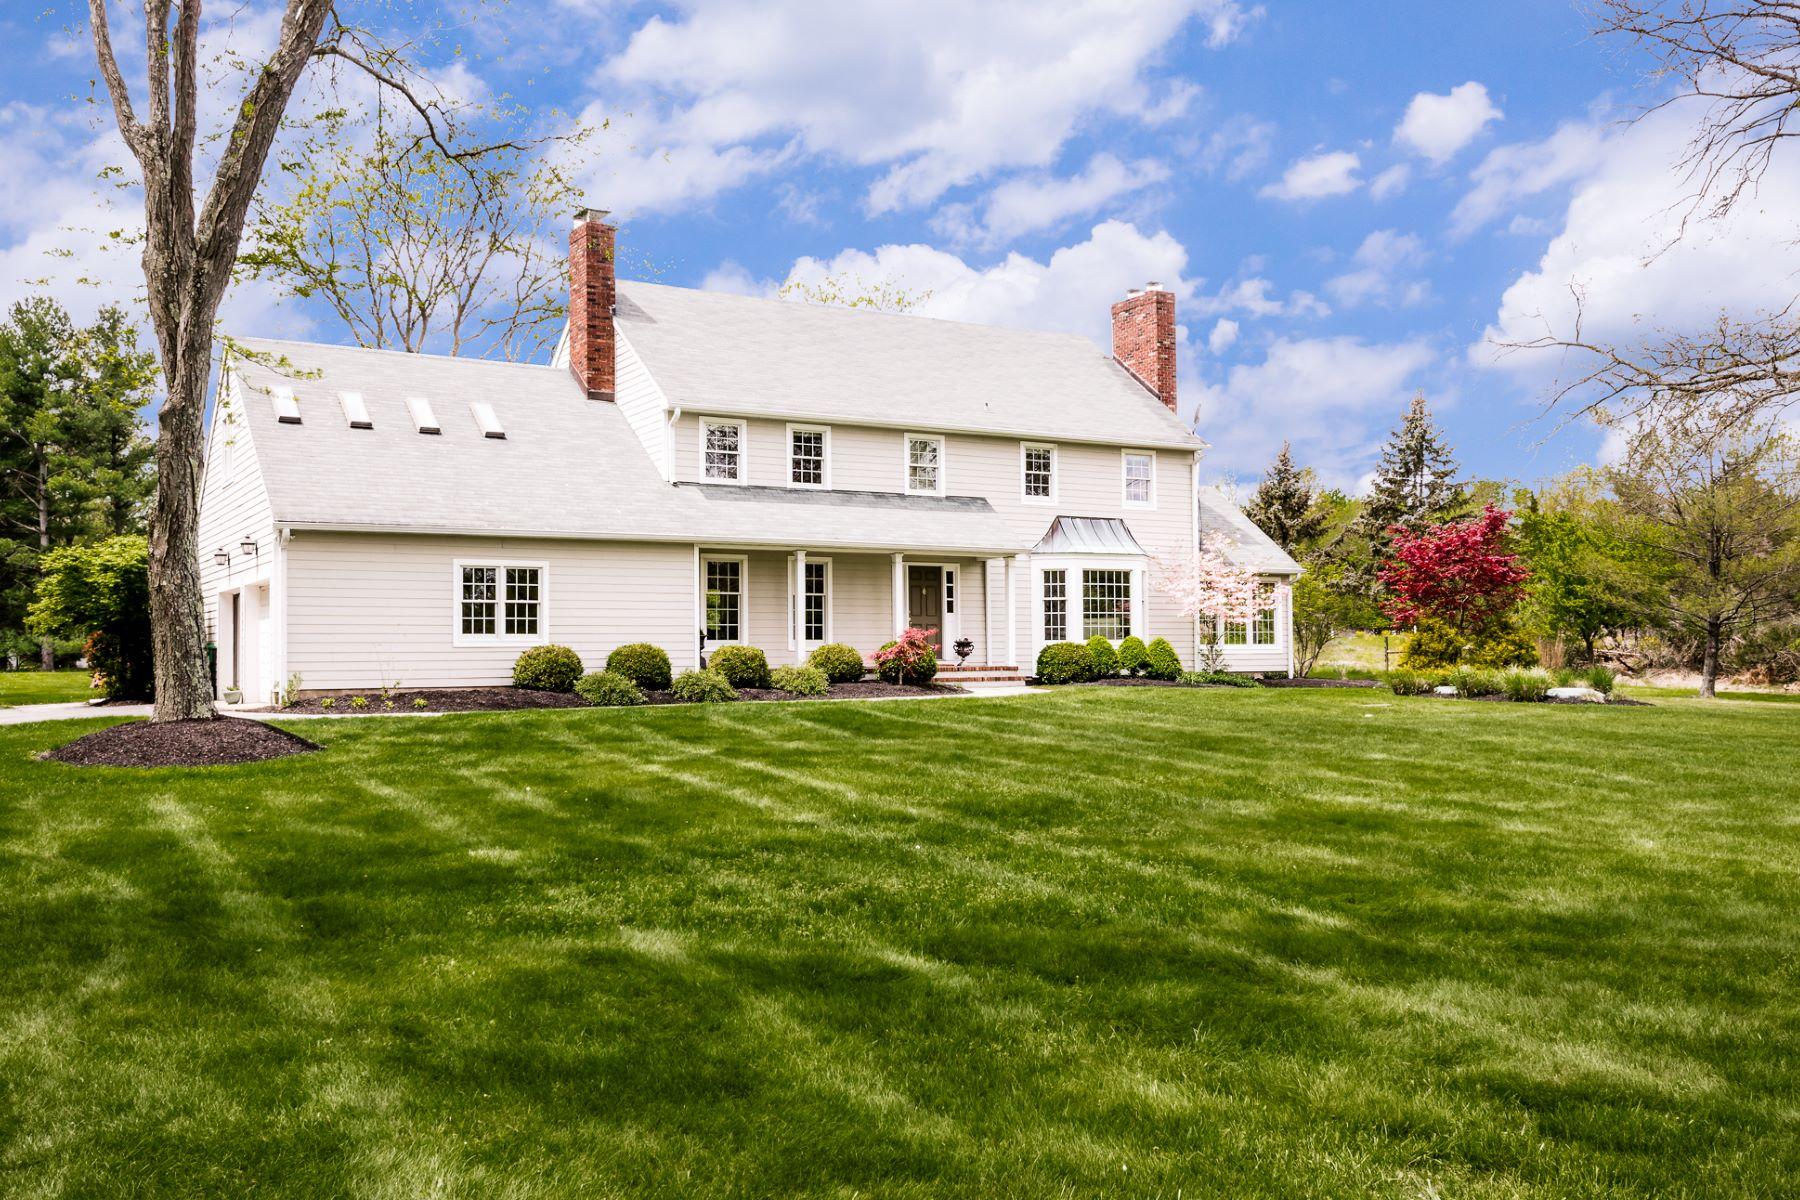 Maison unifamiliale pour l Vente à Modern Comforts And A Homey Feel - Hopewell Township 6 Blue Spruce Drive Pennington, New Jersey, 08534 États-Unis